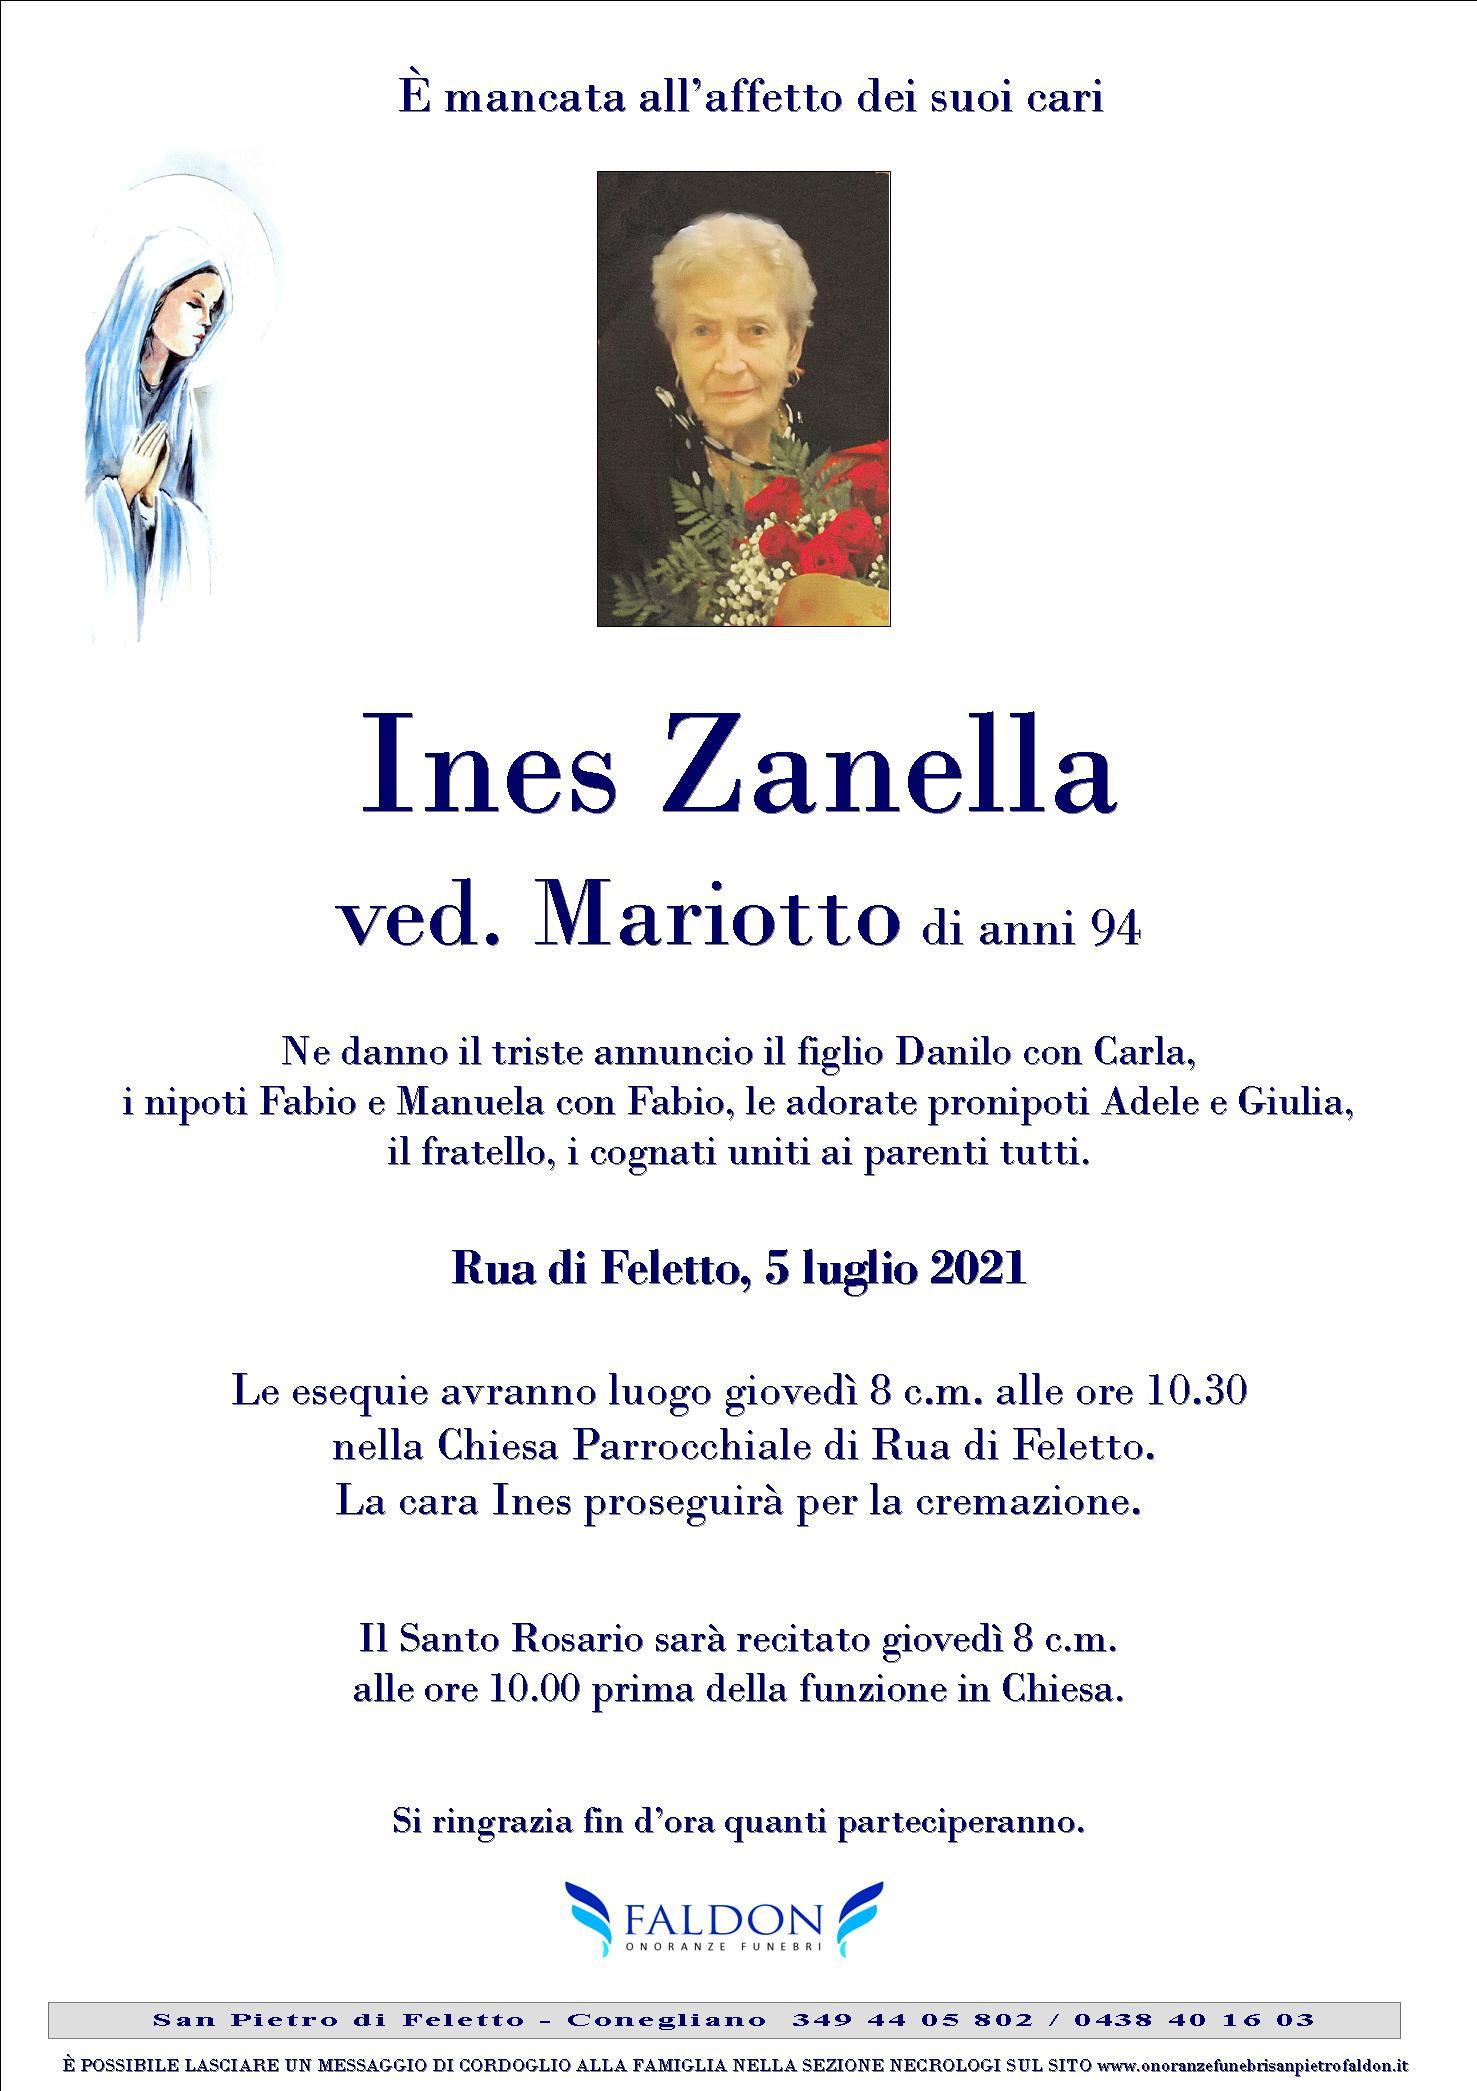 Ines Zanella